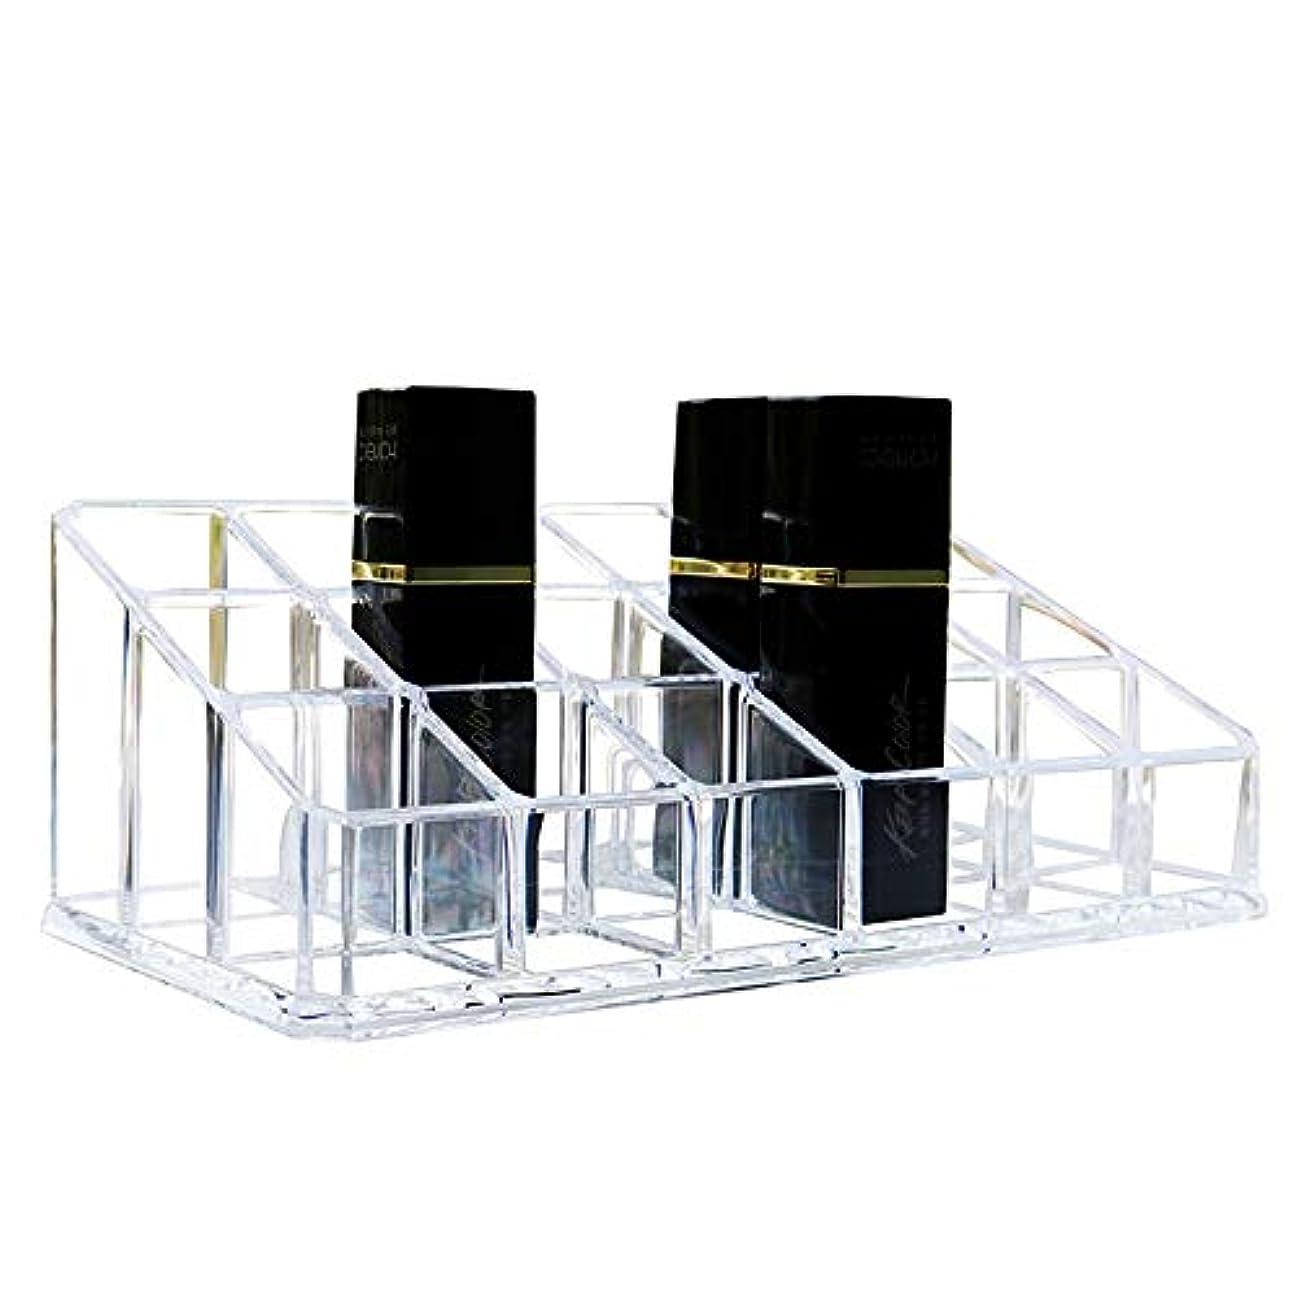 ほうき猟犬櫛整理簡単 シンプルな口紅収納クリア18コンパートメント化粧口紅化粧品ディスプレイスタンドラックホルダーオーガナイザー (Color : Clear, Size : 17.4*9*6.3CM)